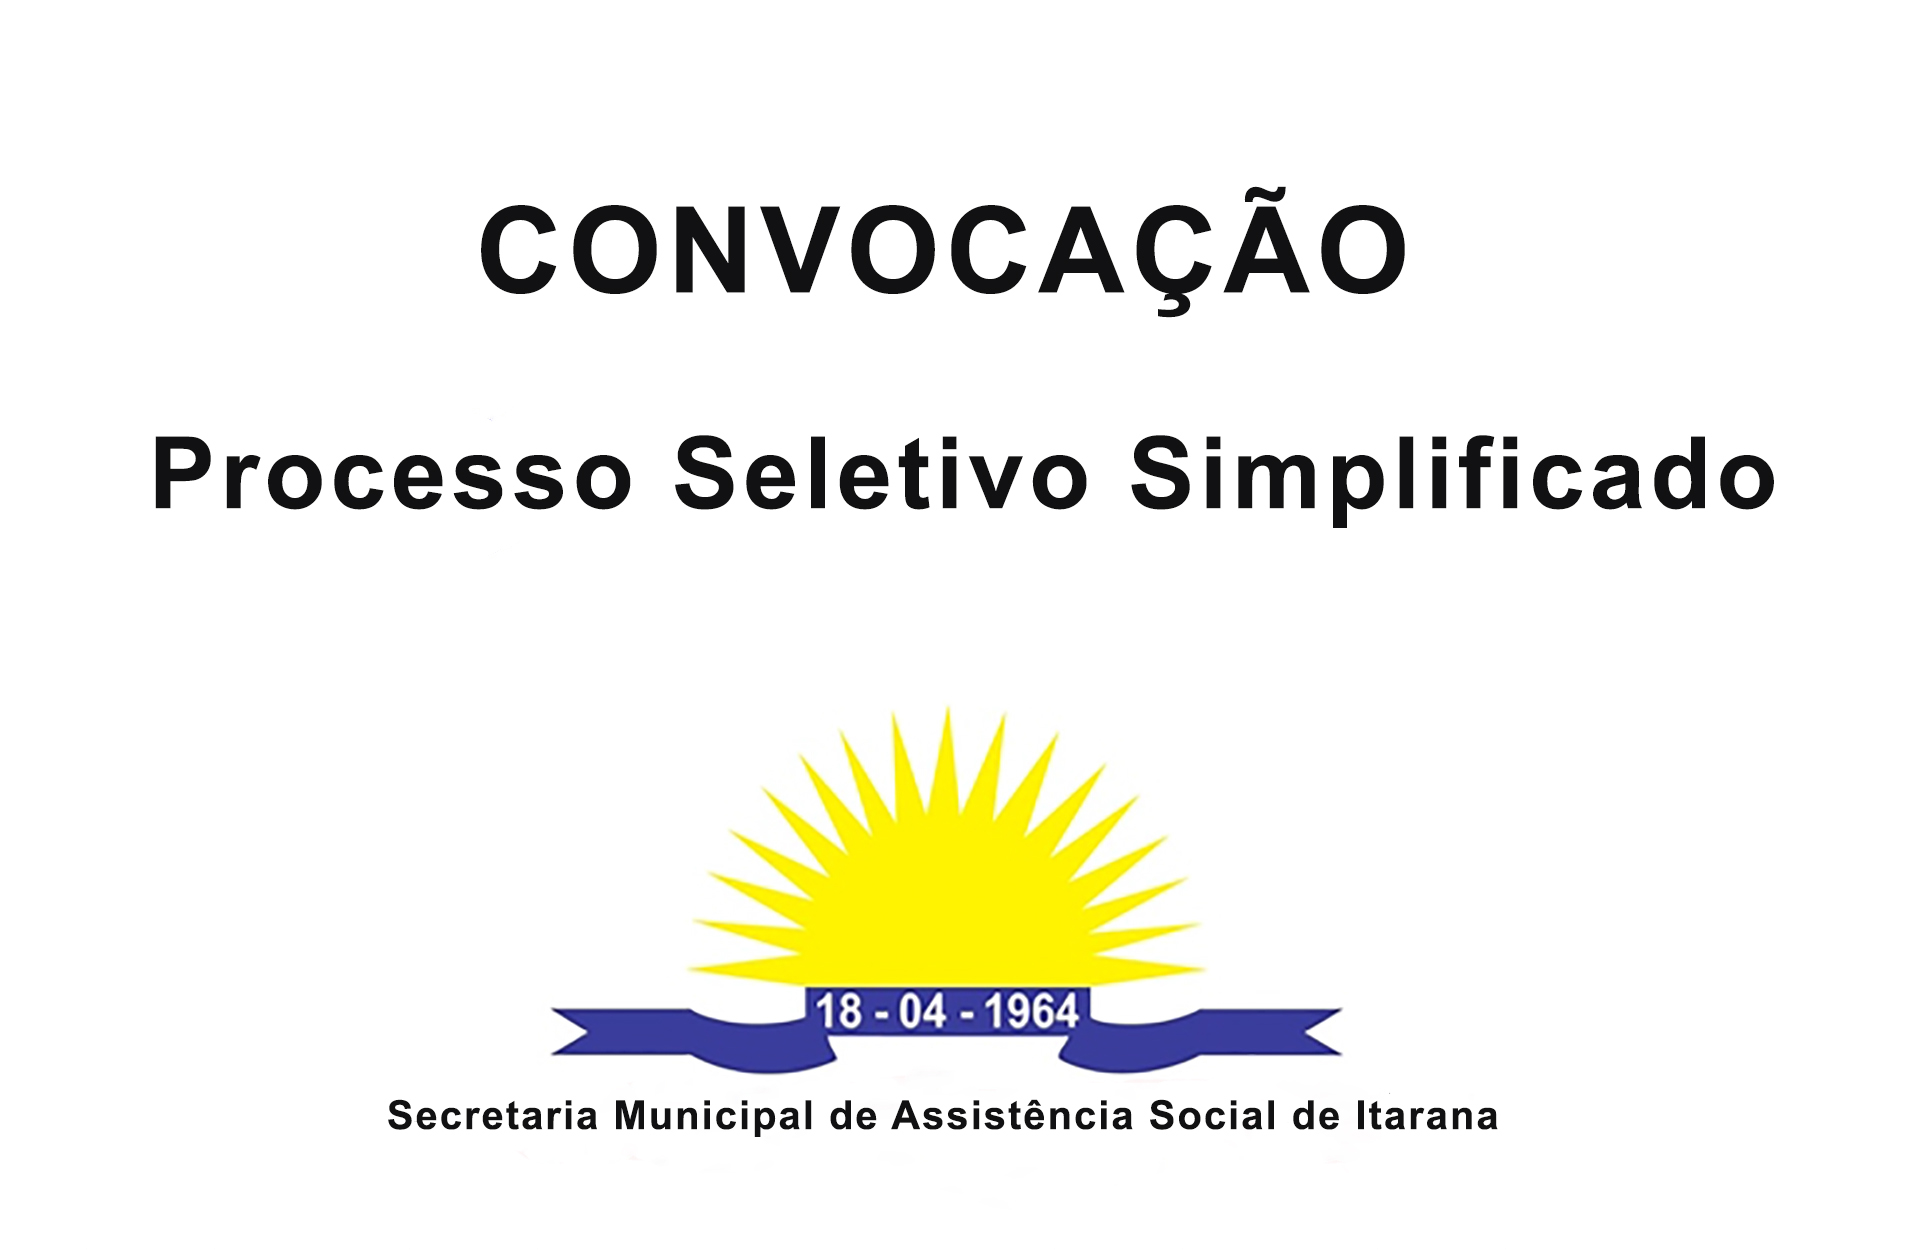 Assistência Social: Convocação Processo Seletivo Simplificado - Edital SEMAS Nº16/2015